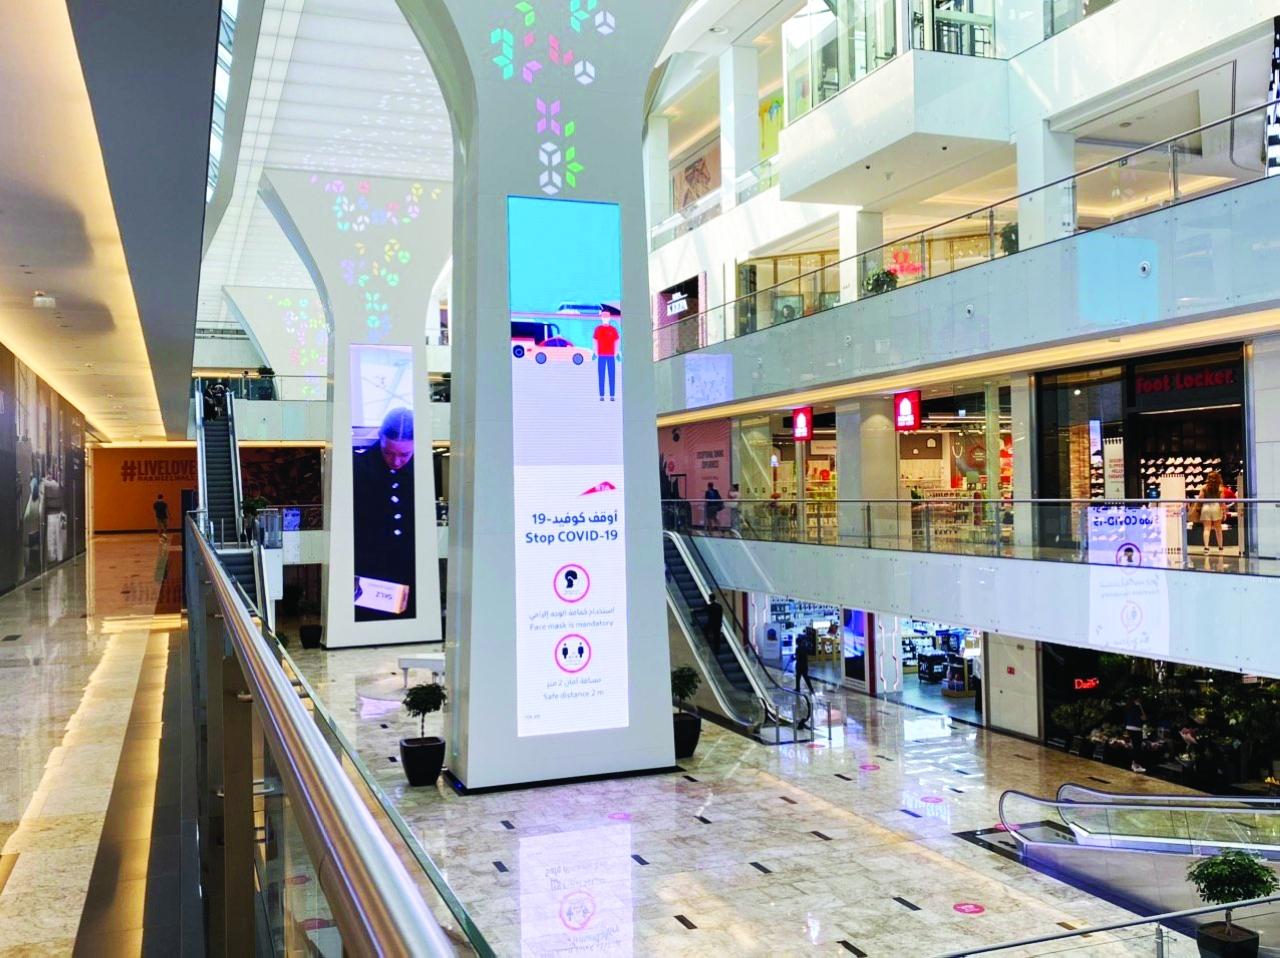 الصورة : استعدادات كاملة في مراكز التسوق لاستقبال الضيوف